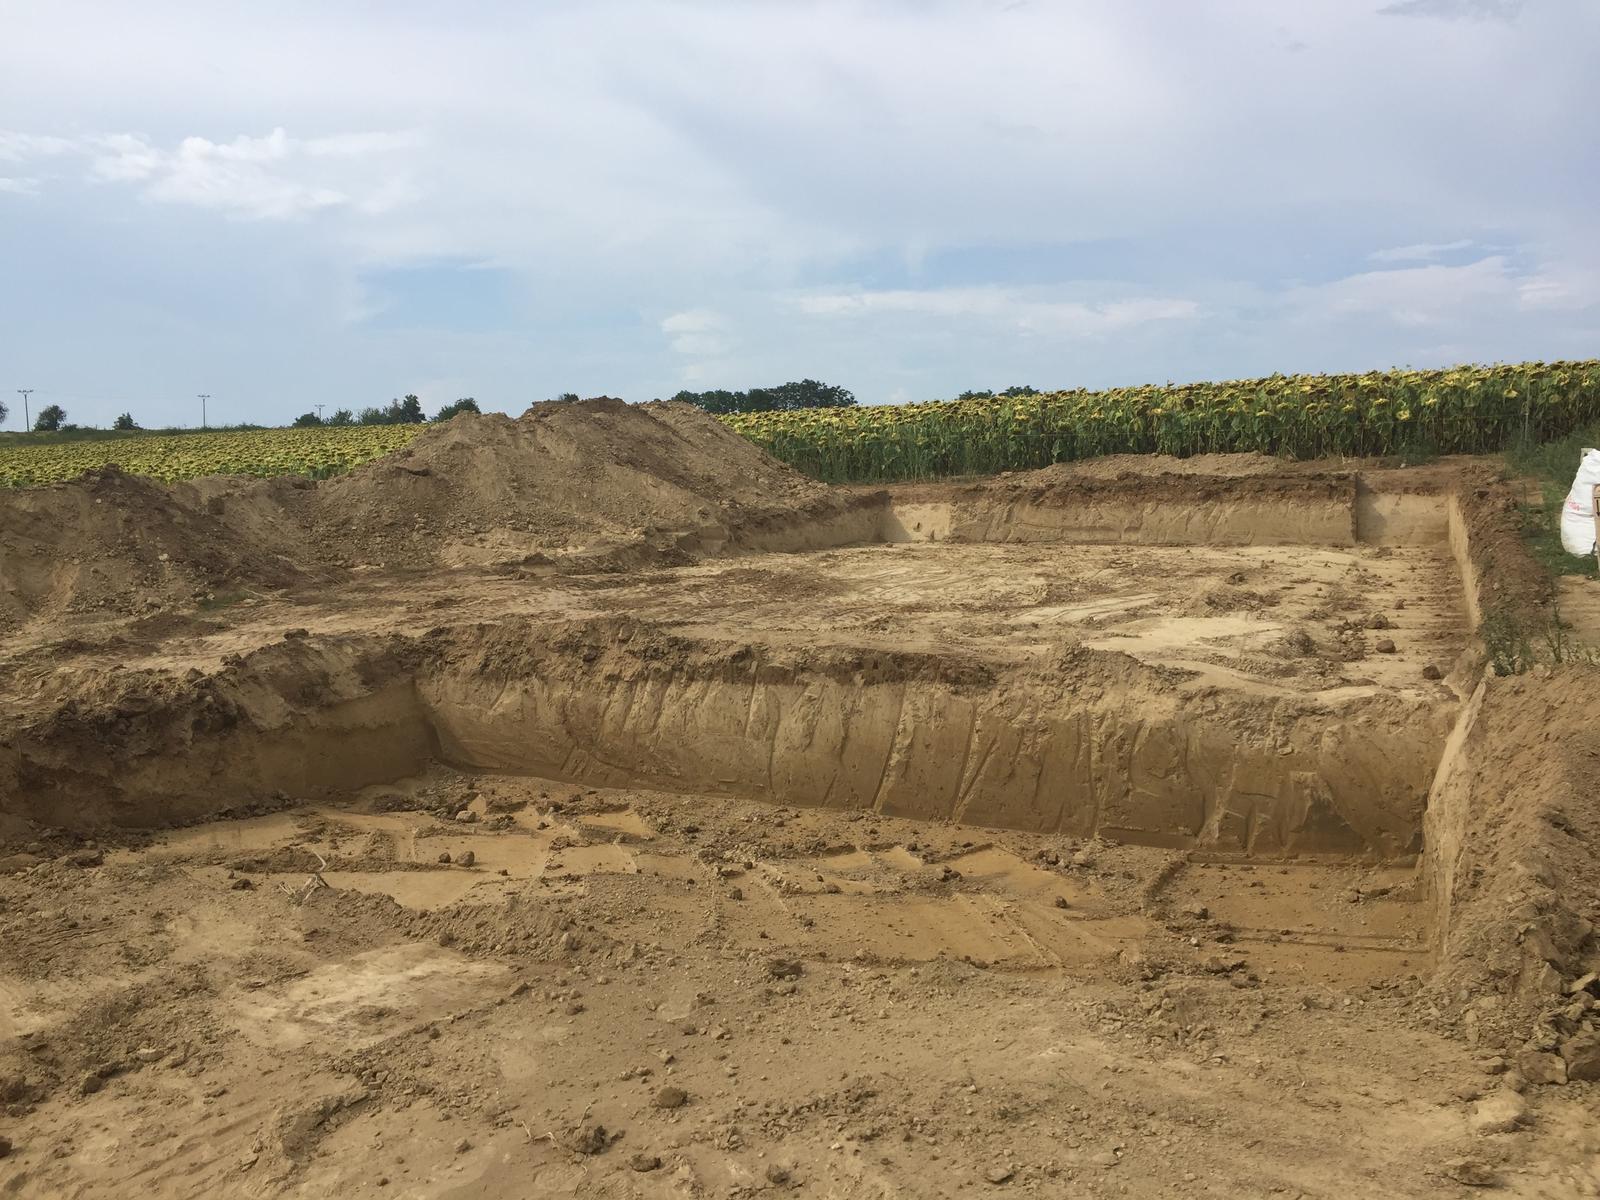 Srnka v Hájiku - 2.8. 2018 - Vykopané, teraz môže prísť geodét a zamerať nam zaklady :) (z pozemku sme odviezli 150m3 zeme, nieco sme si nechali na dosypanie  drobne dorovnanie terasy a pod.)